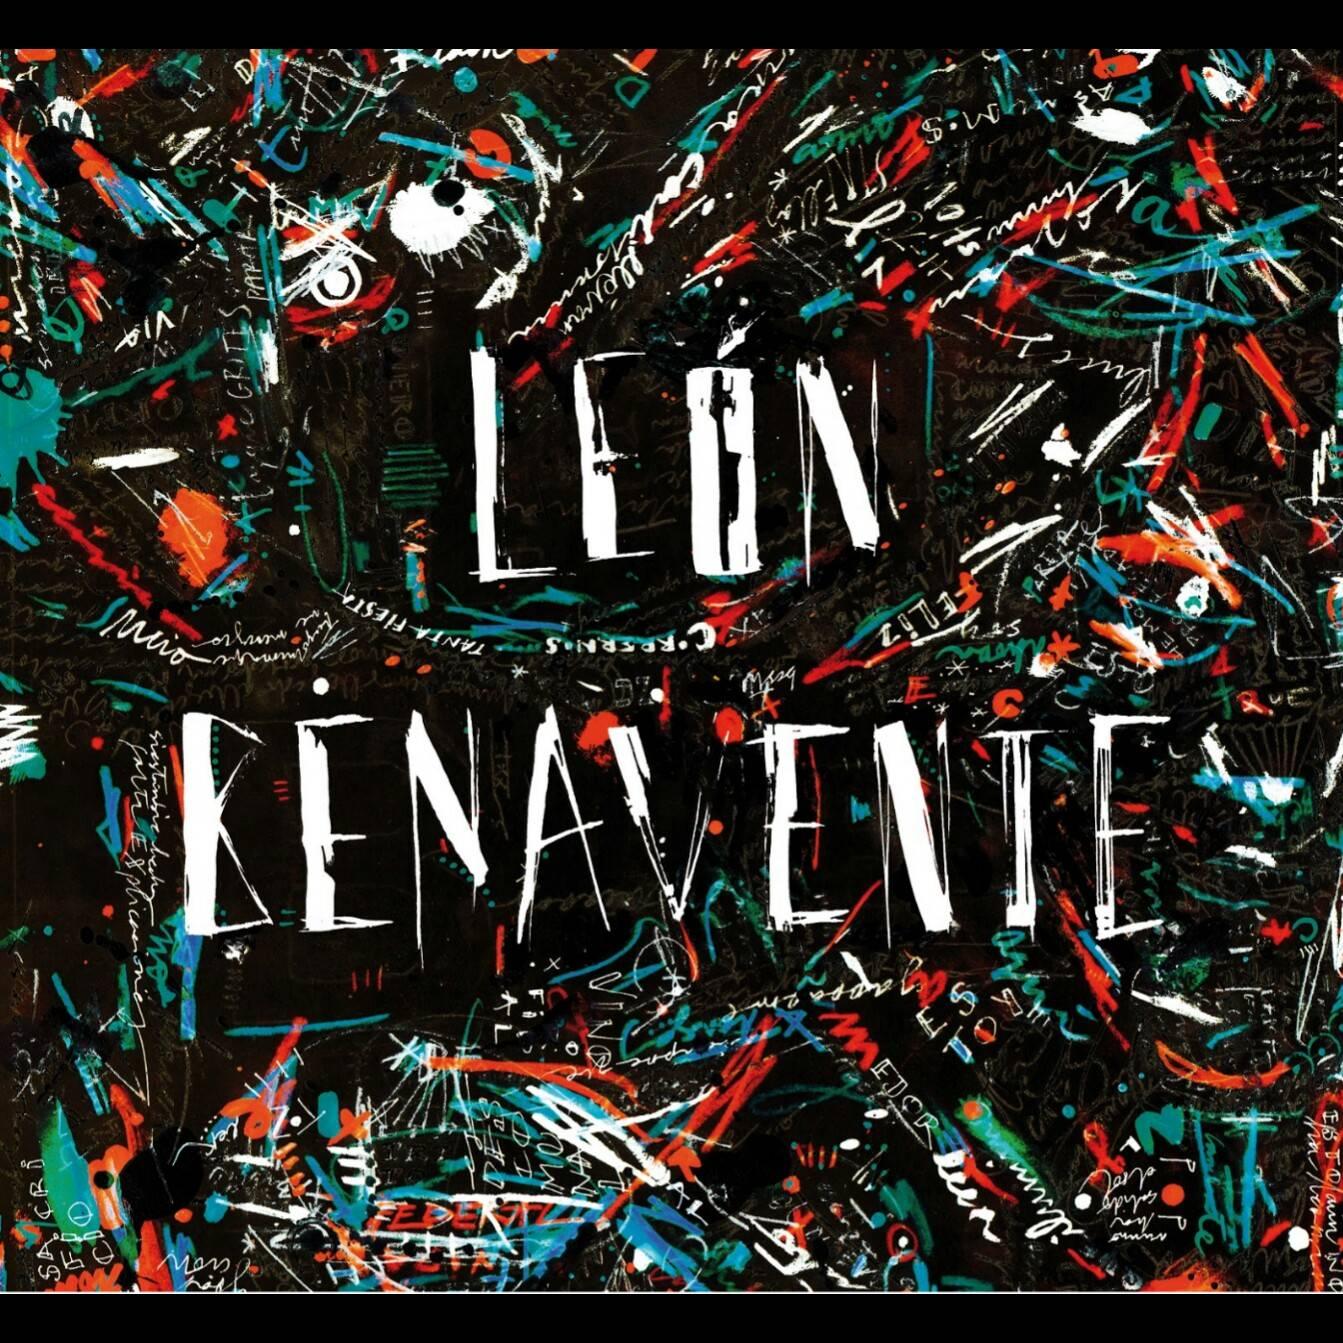 'León Benavente 2' saldrá a la luz el próximo 8 de abril